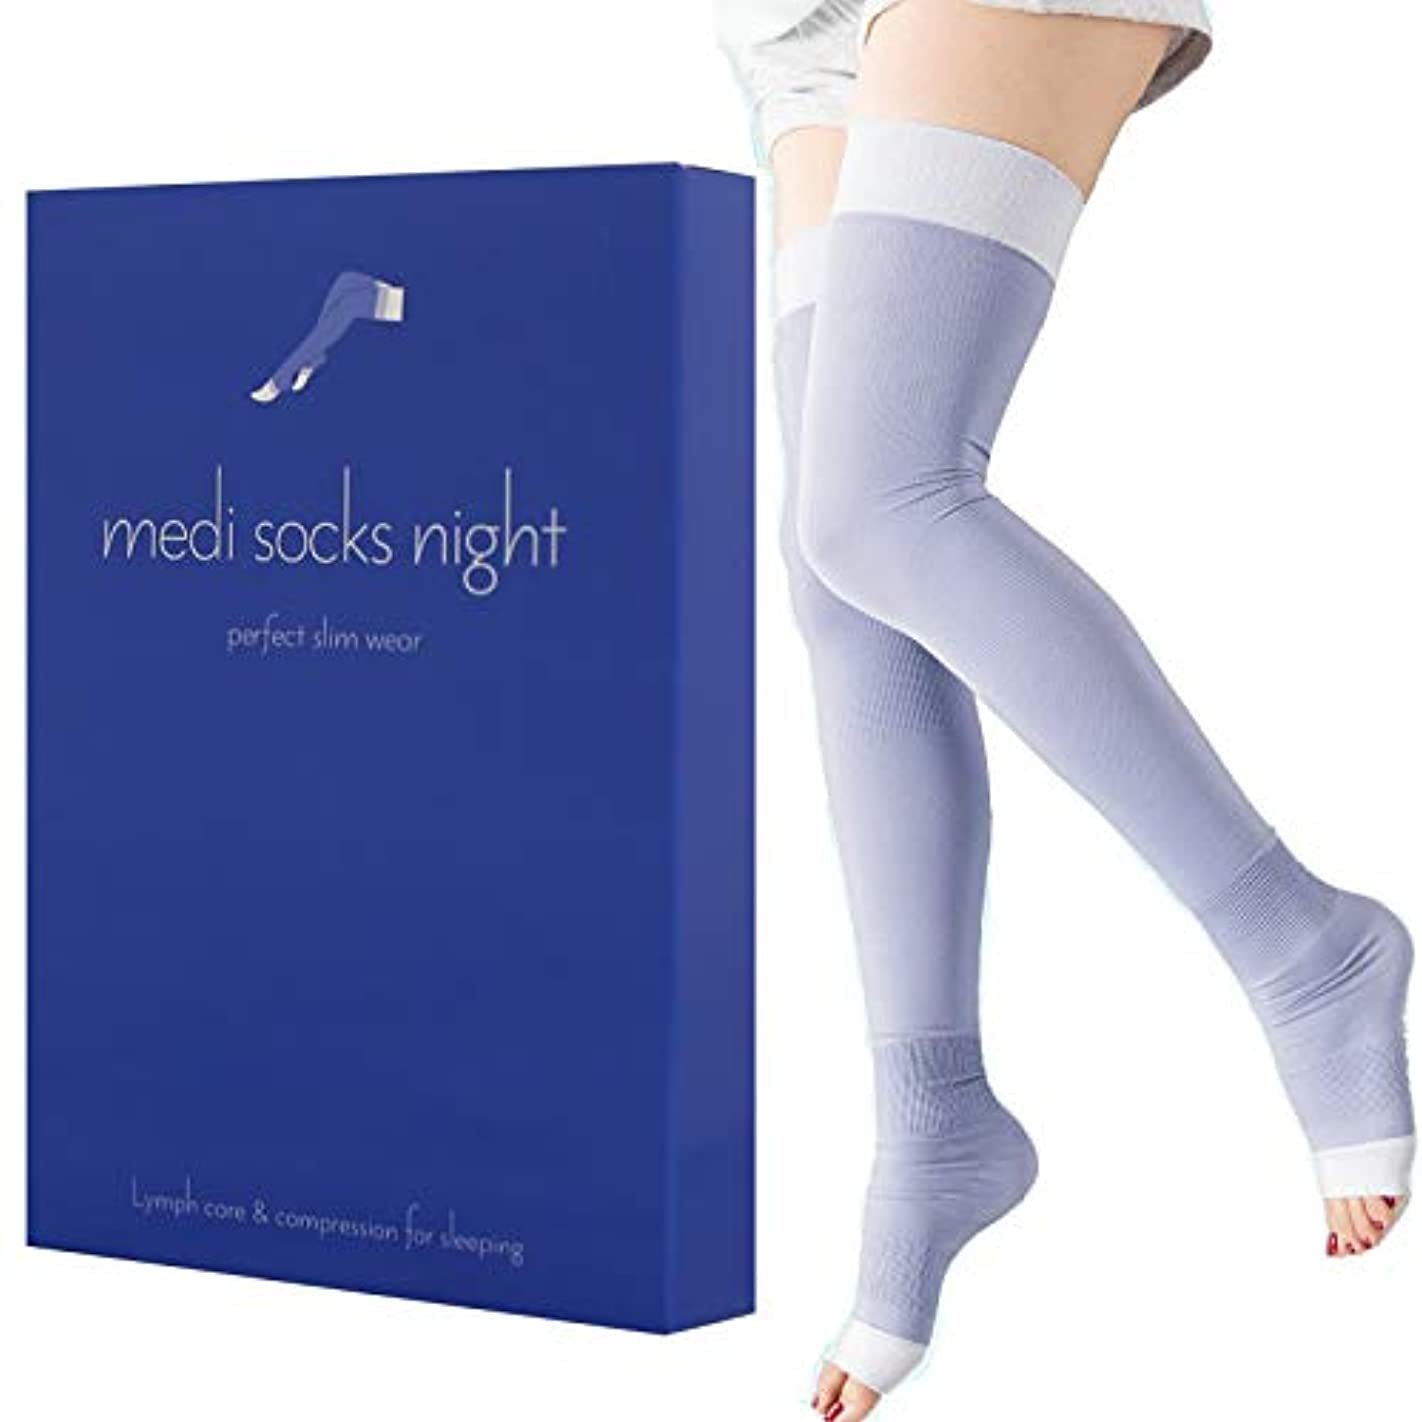 短くするシートたっぷりメディソックスナイト ~medi socks night~ Mサイズ